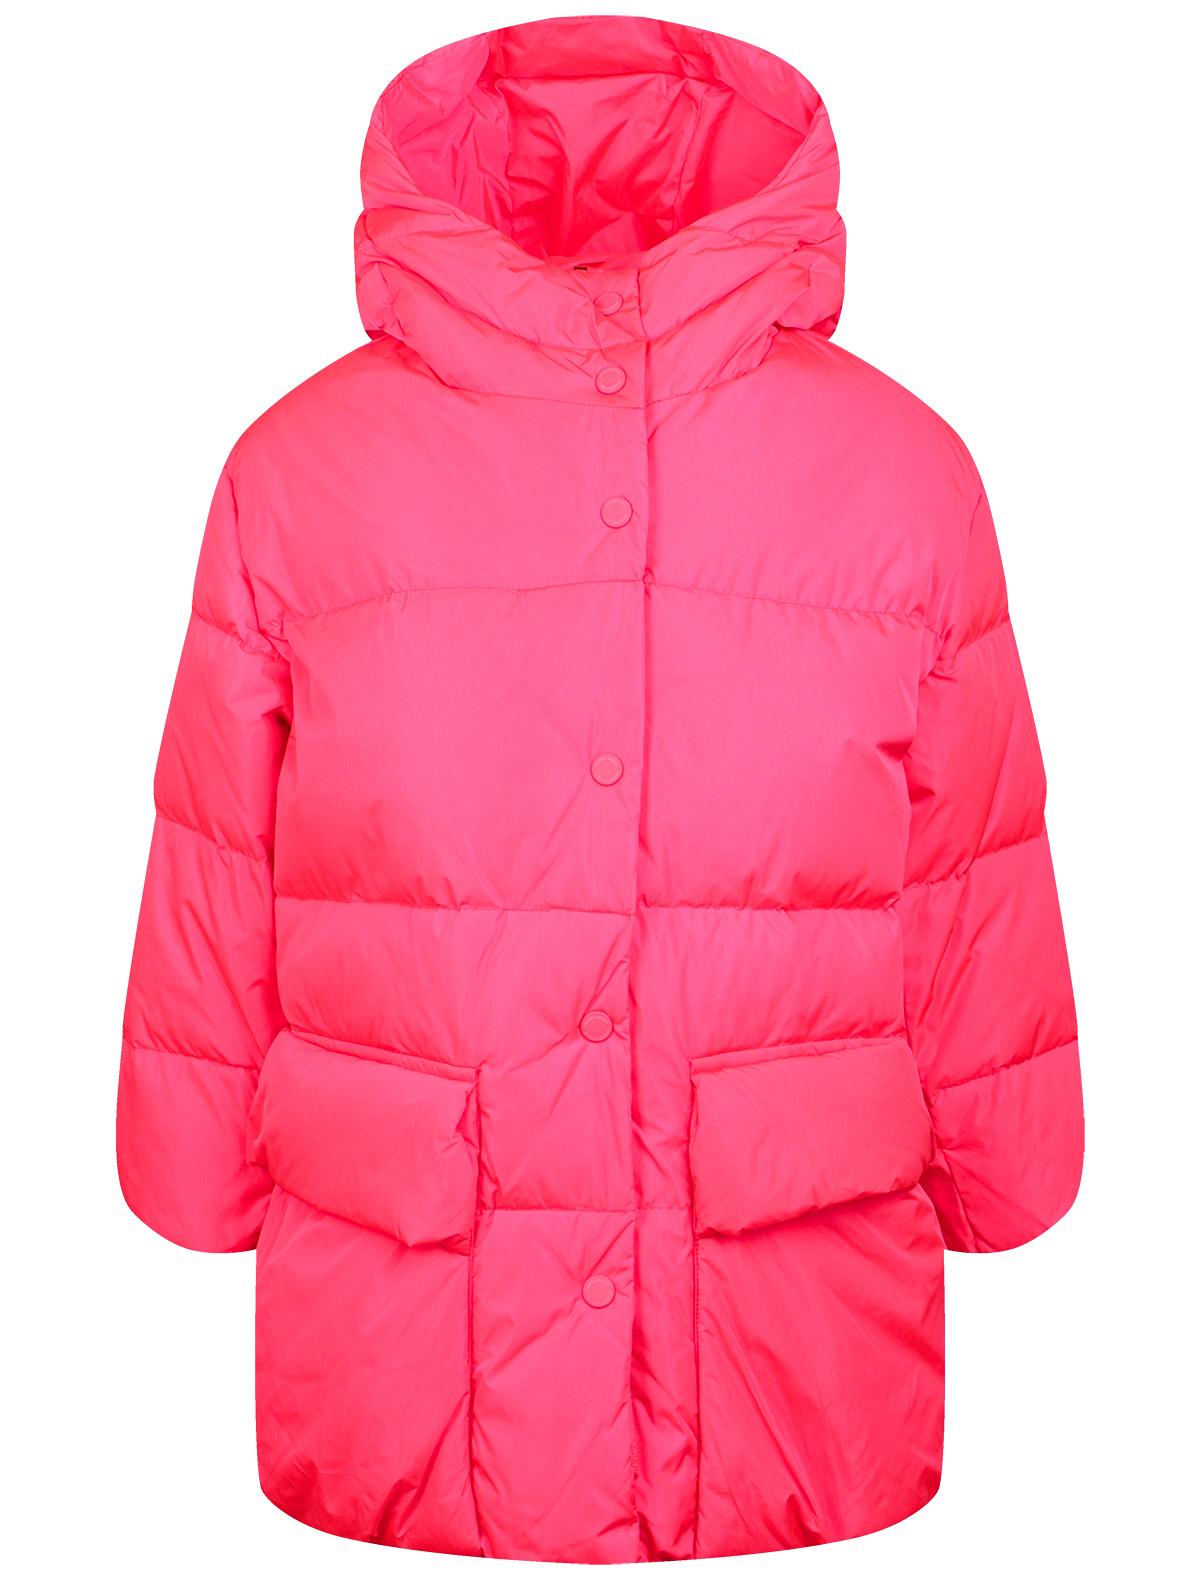 Купить 2118774, Куртка FREEDOMDAY, розовый, Женский, 1072609980112